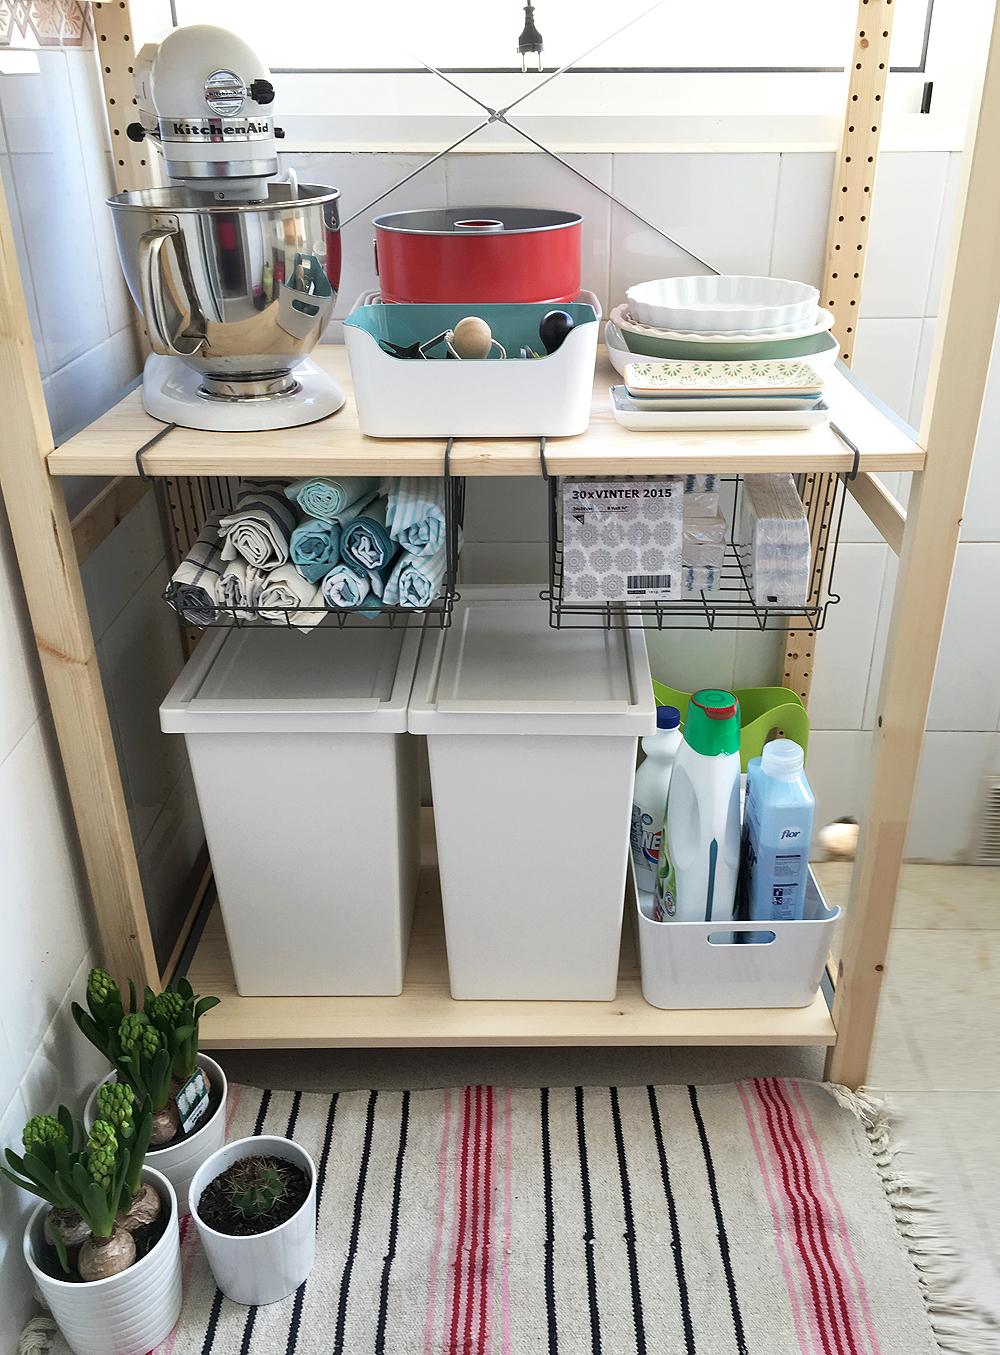 Ikea cocinas No es magia Es orden TodoEnOrden Blog tienda